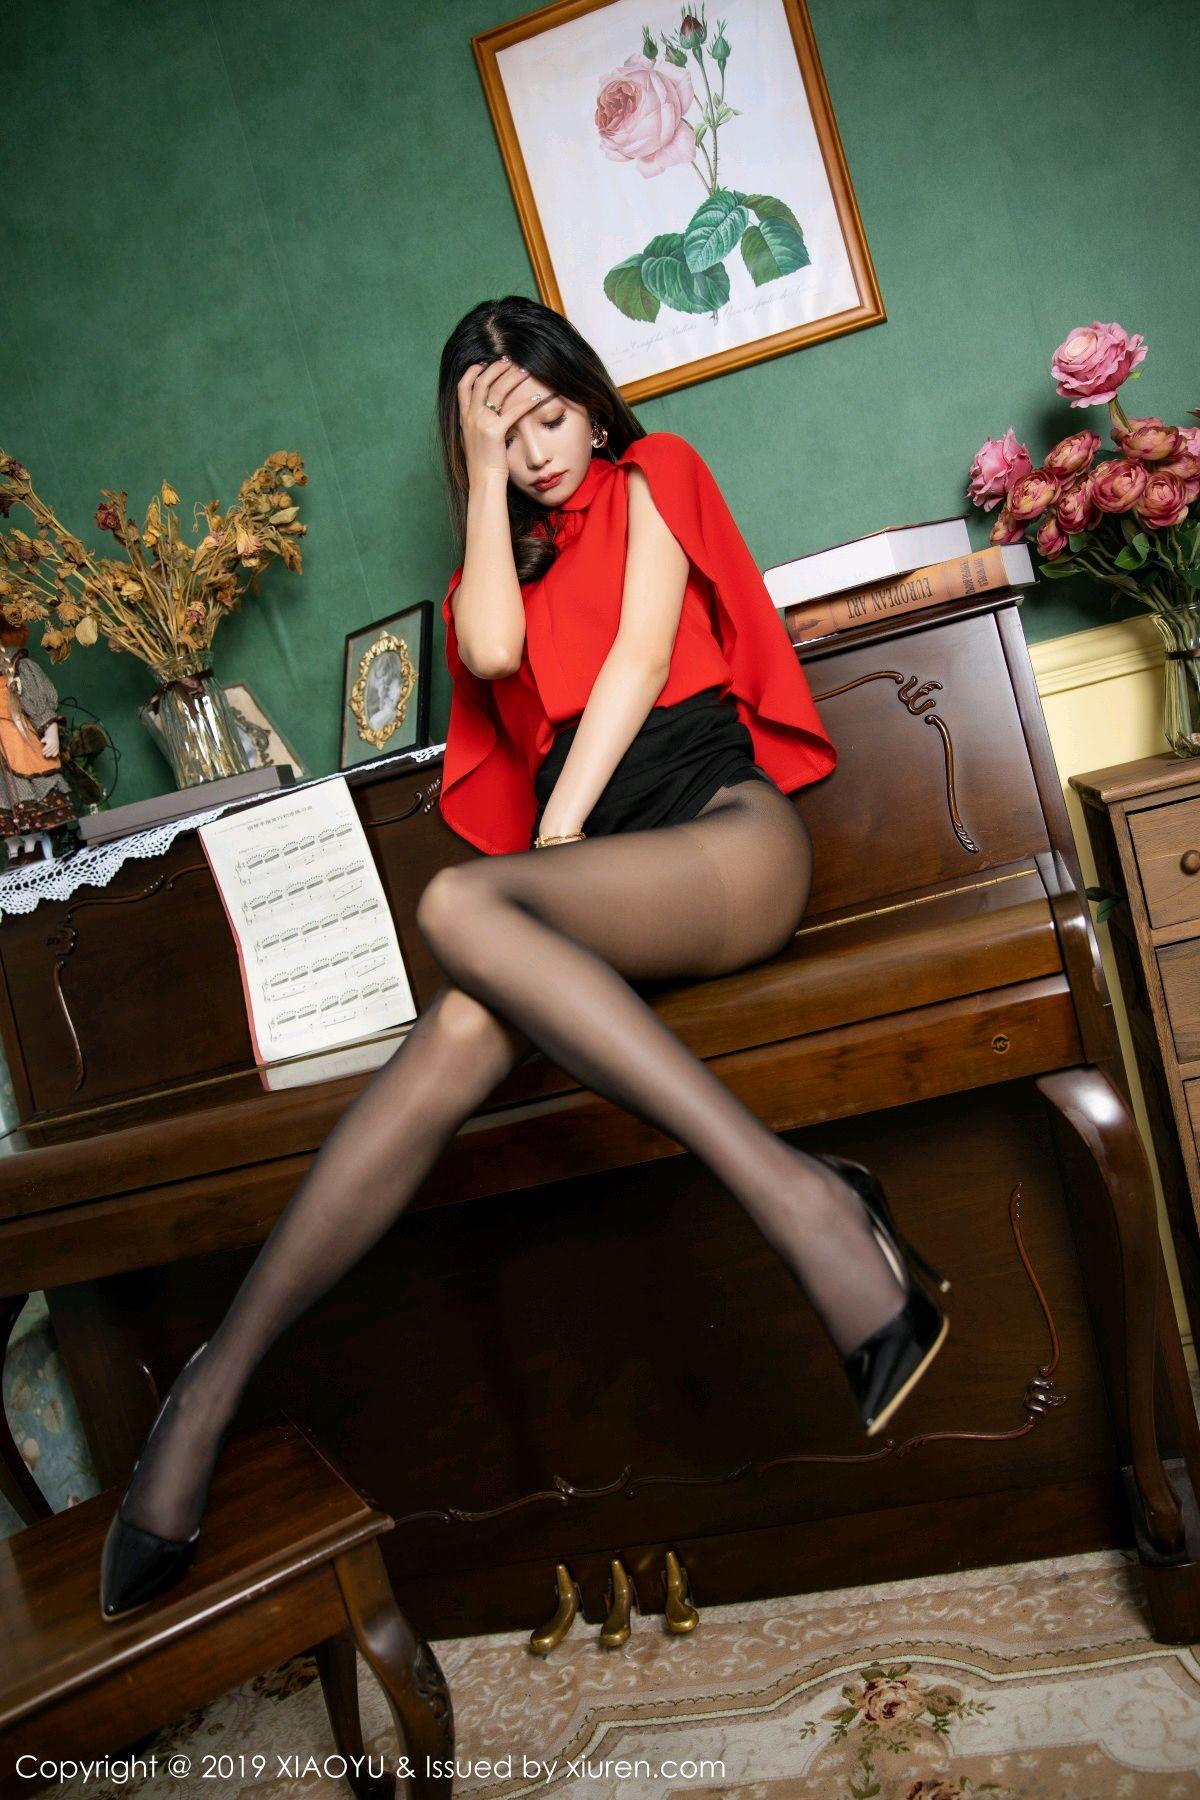 [XiaoYu] Vol.119 Yang Chen Chen 35P, Black Silk, Tall, Temperament, XiaoYu, Yang Chen Chen